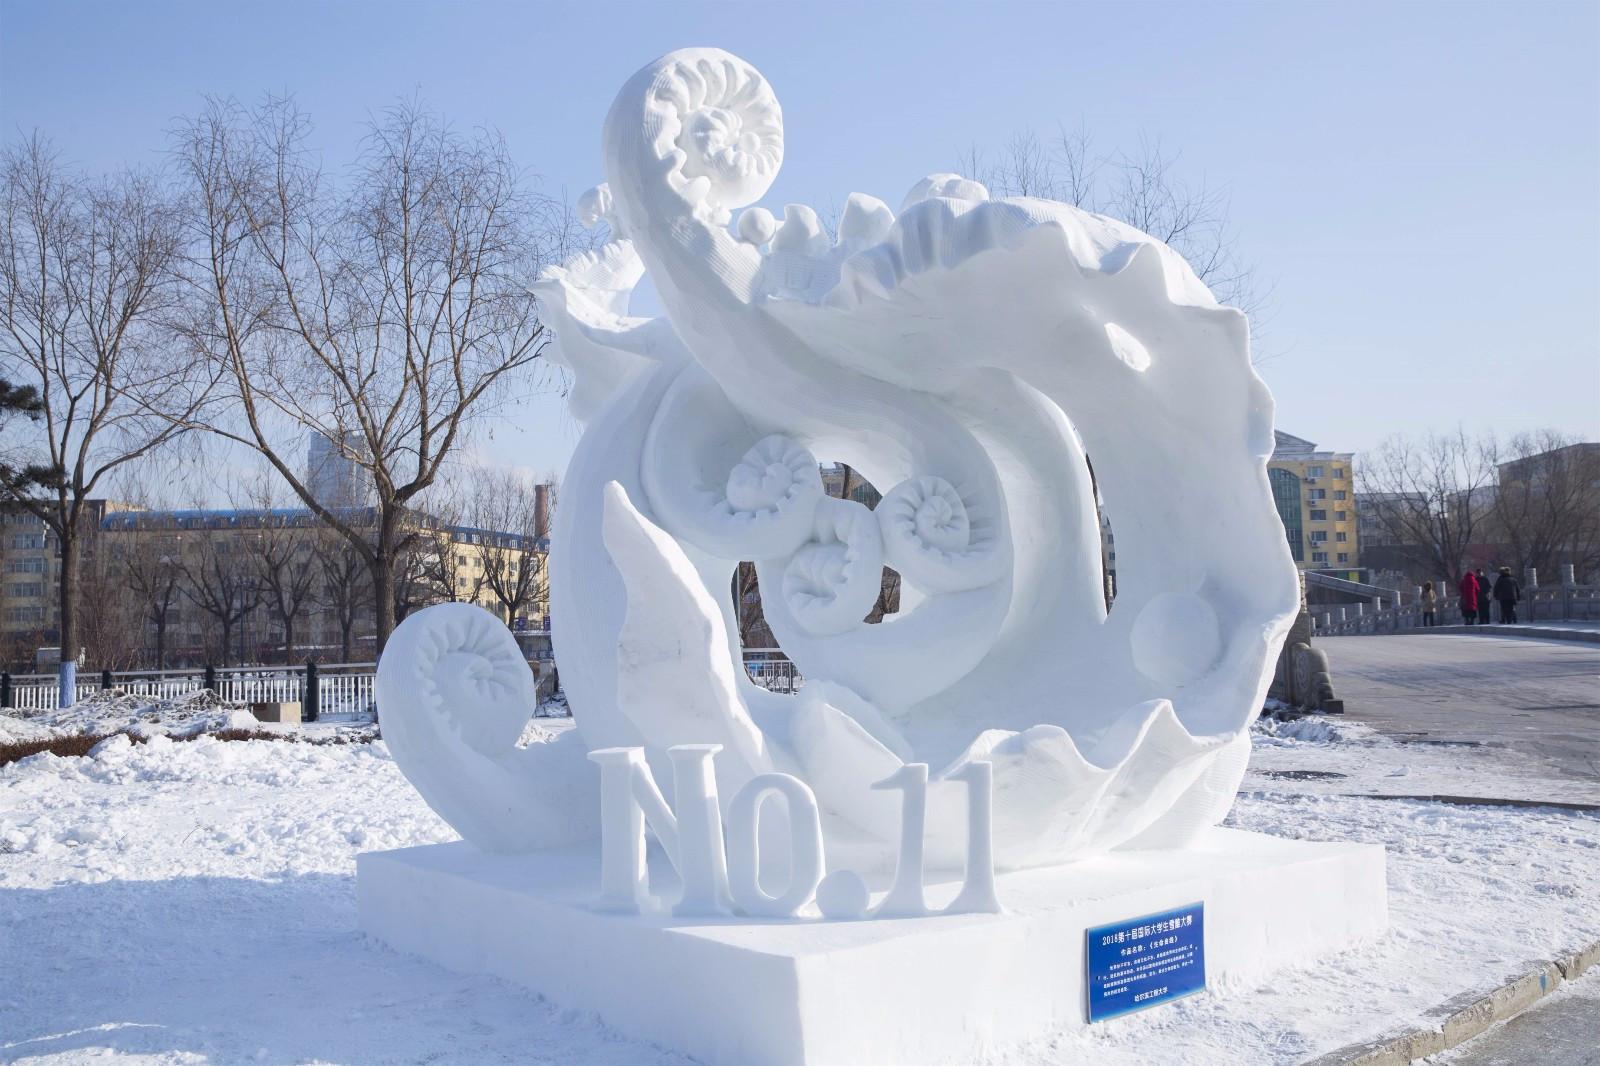 华南理工大学学生会徽什么时候设计的_我把哈尔滨的美送给你丨这里的冰雪,为什么与别处不一样